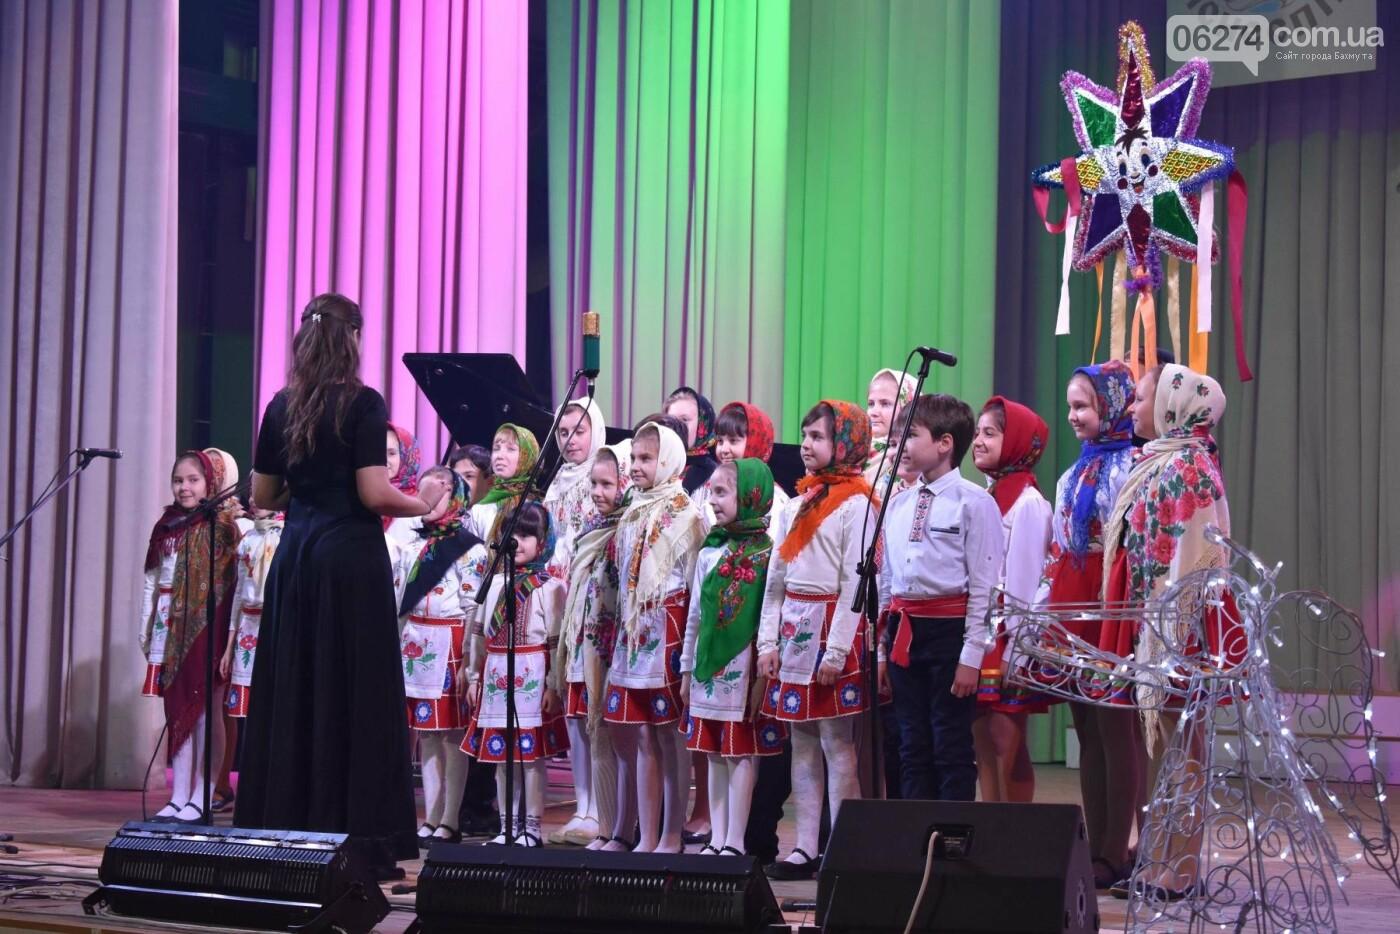 В Бахмуте прошел региональный фестиваль «Рождественские песнопения», фото-11